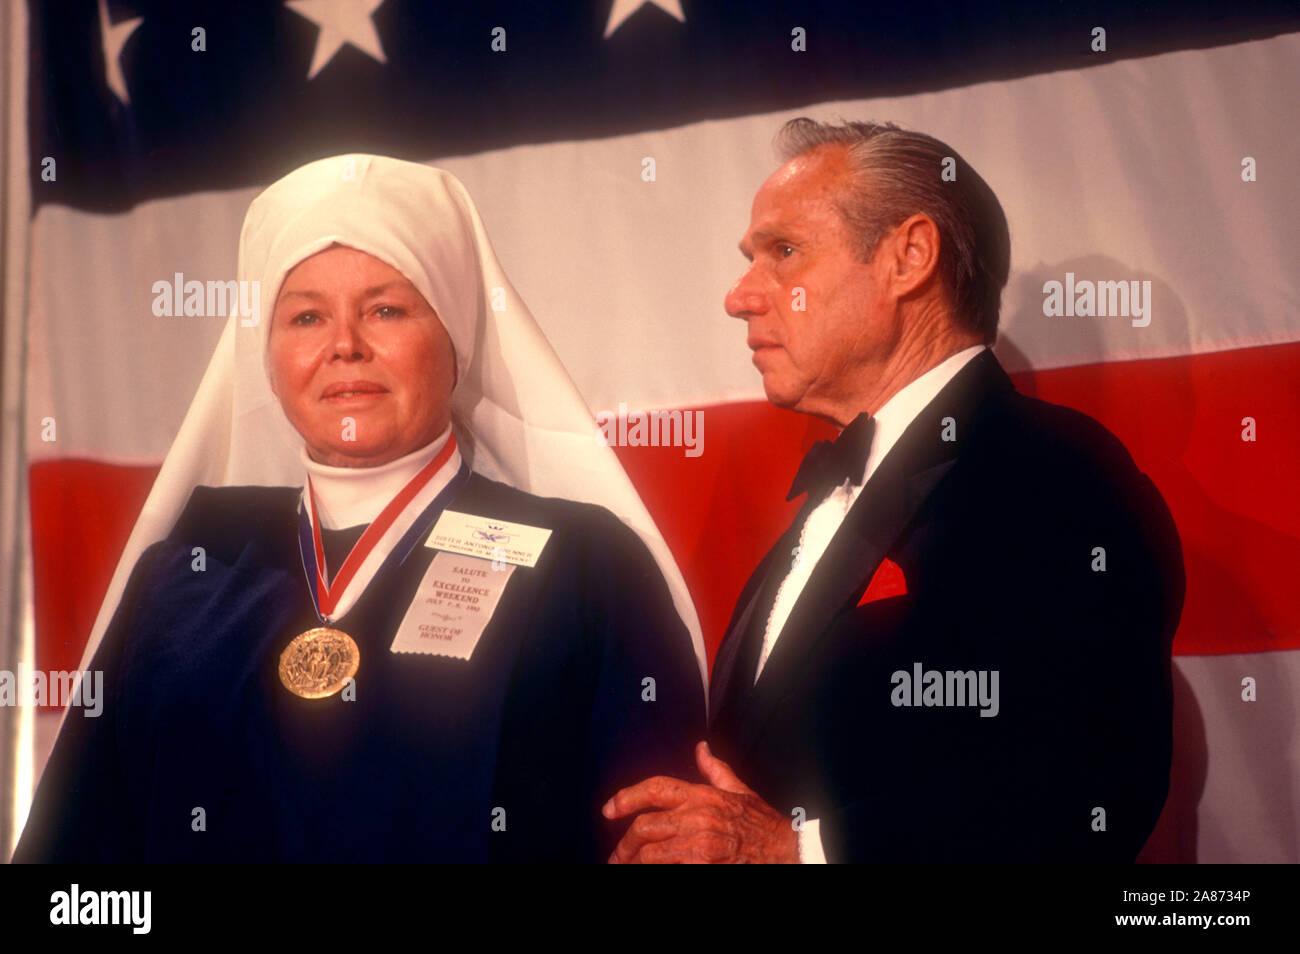 Julio de 1983: la Madre Antonia Brenner recibe una placa dorada de Brian Reynolds para 'Angel' de la cárcel durante el año 1983 la Academia de Logros Premios placa de oro alrededor de julio de 1983. (Foto por Hy Peskin) Foto de stock